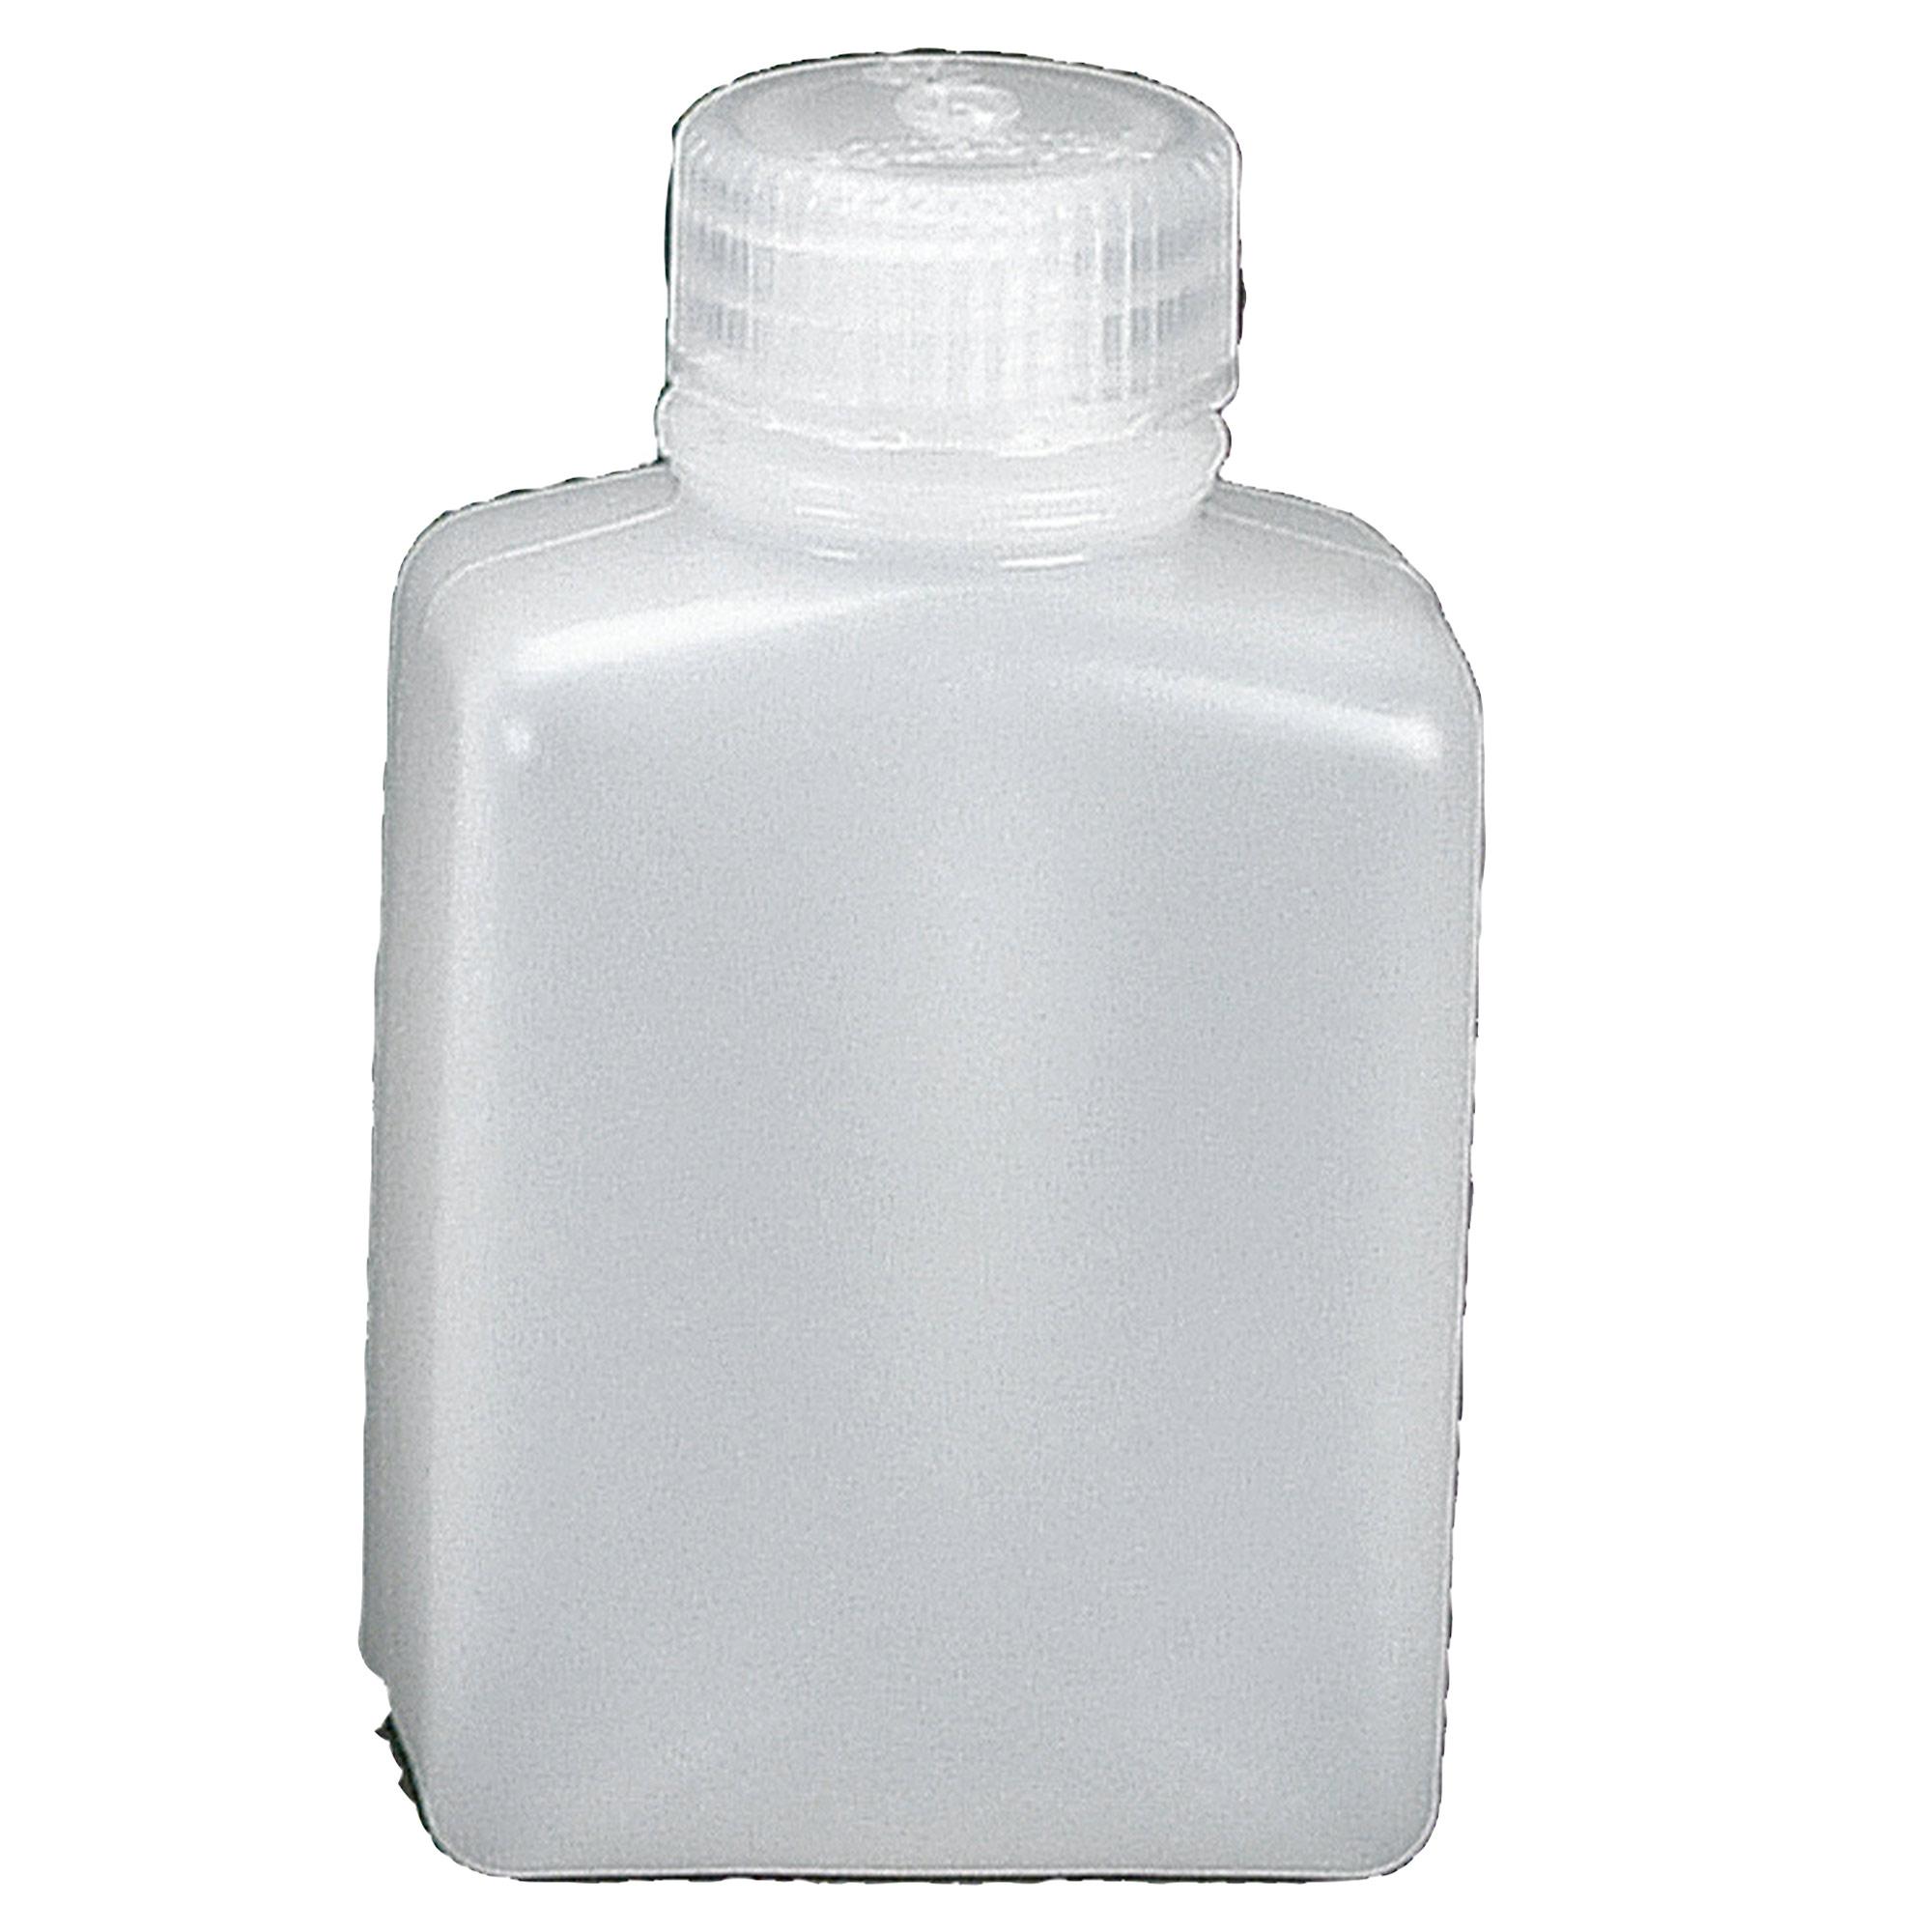 Nalgene Weithalsflasche rechteckig 125 ml